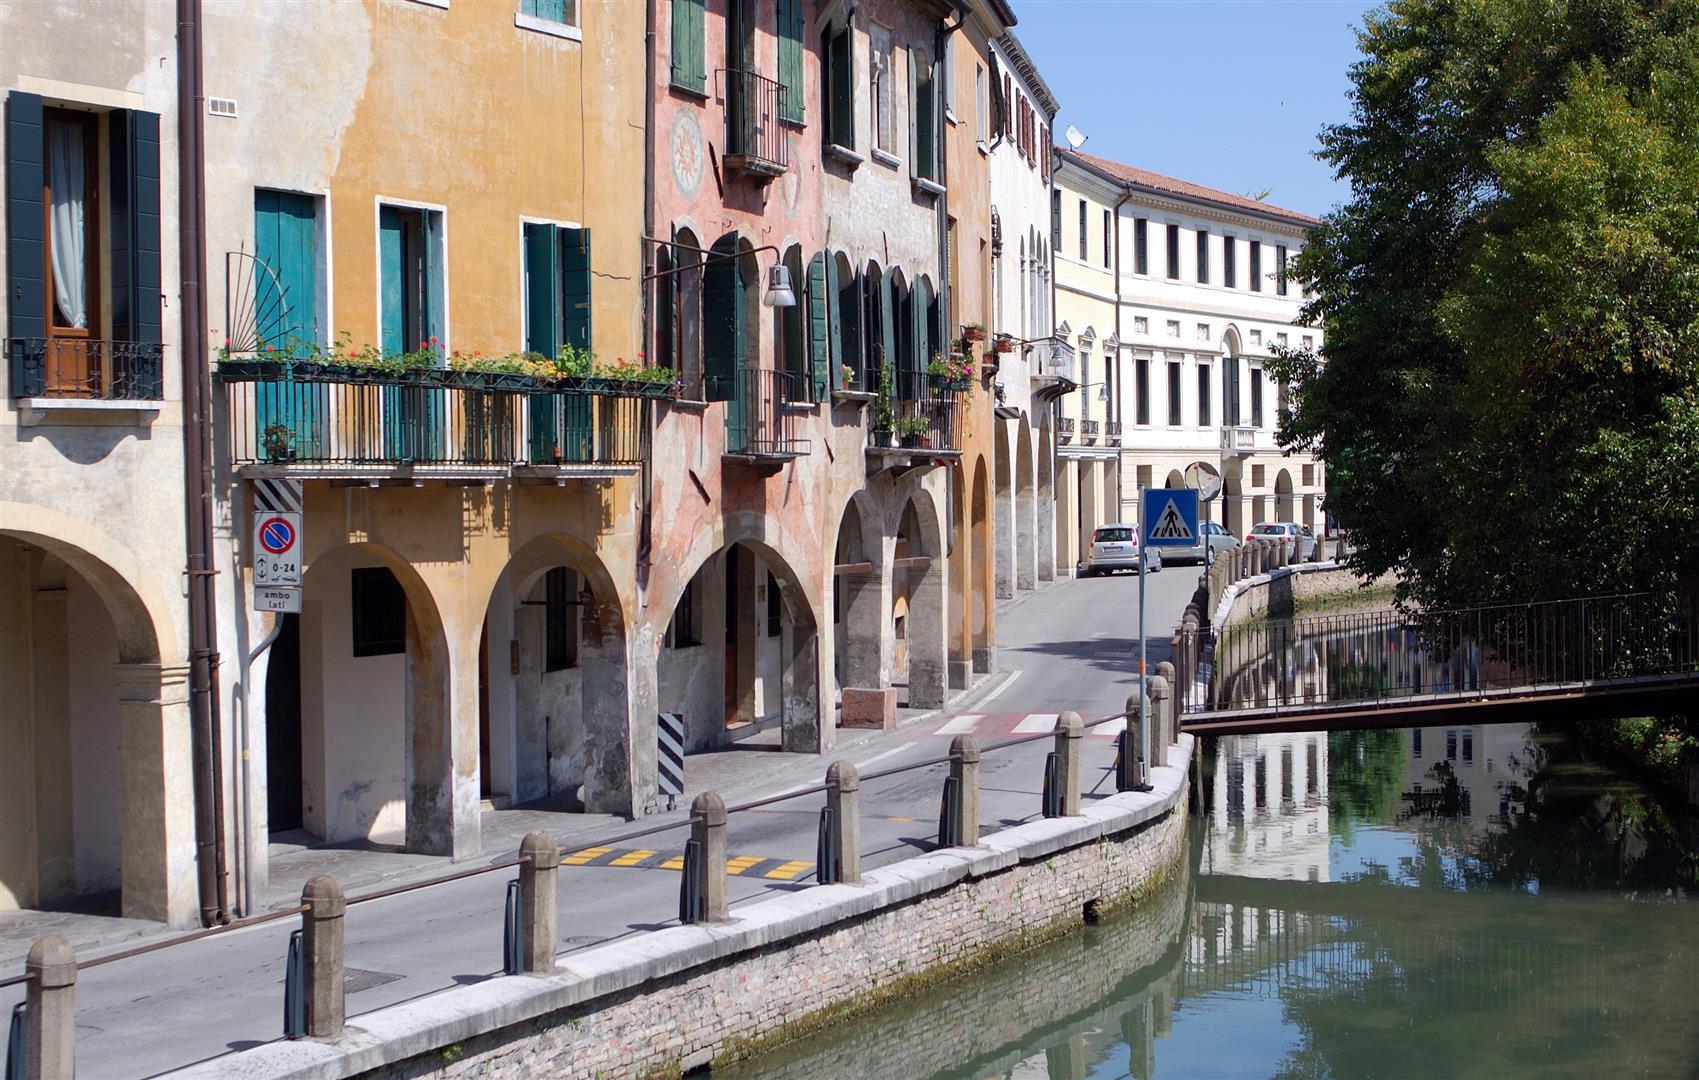 Carta carbone, libri e chiacchiere a Treviso